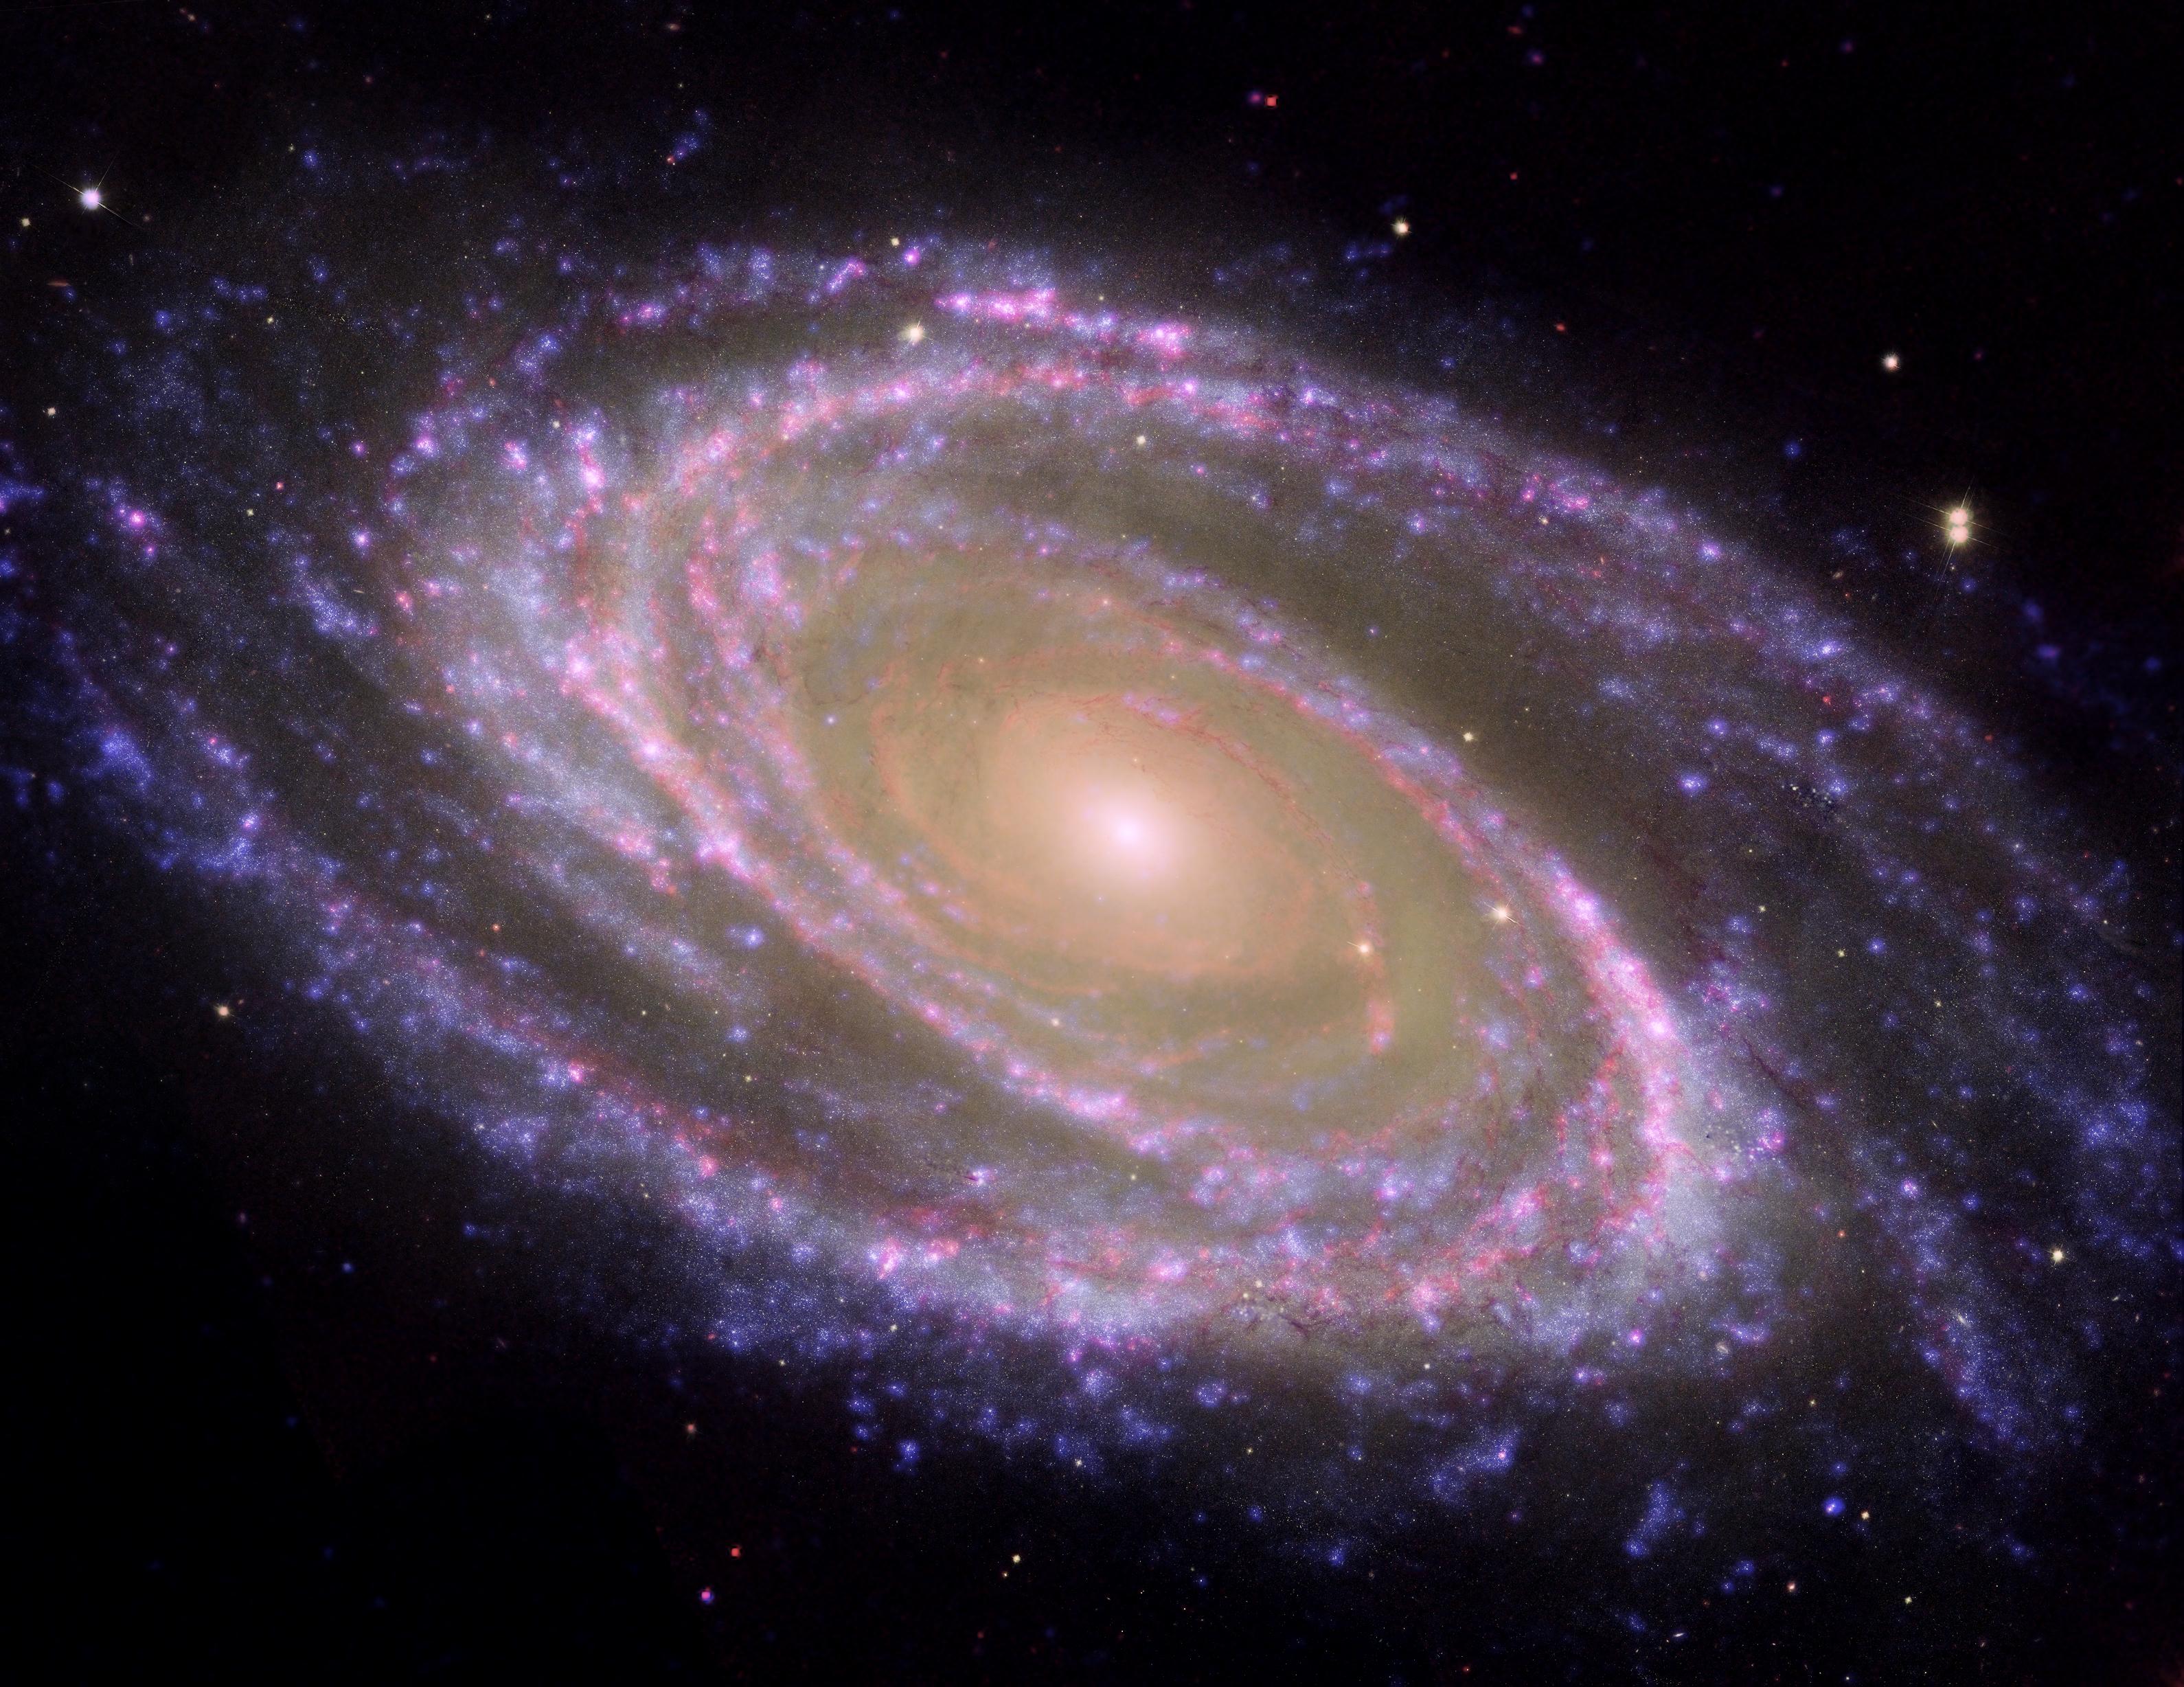 La Spirale Dynamique : se connaître soi, les autres et l'humanité (Partie 2/2)